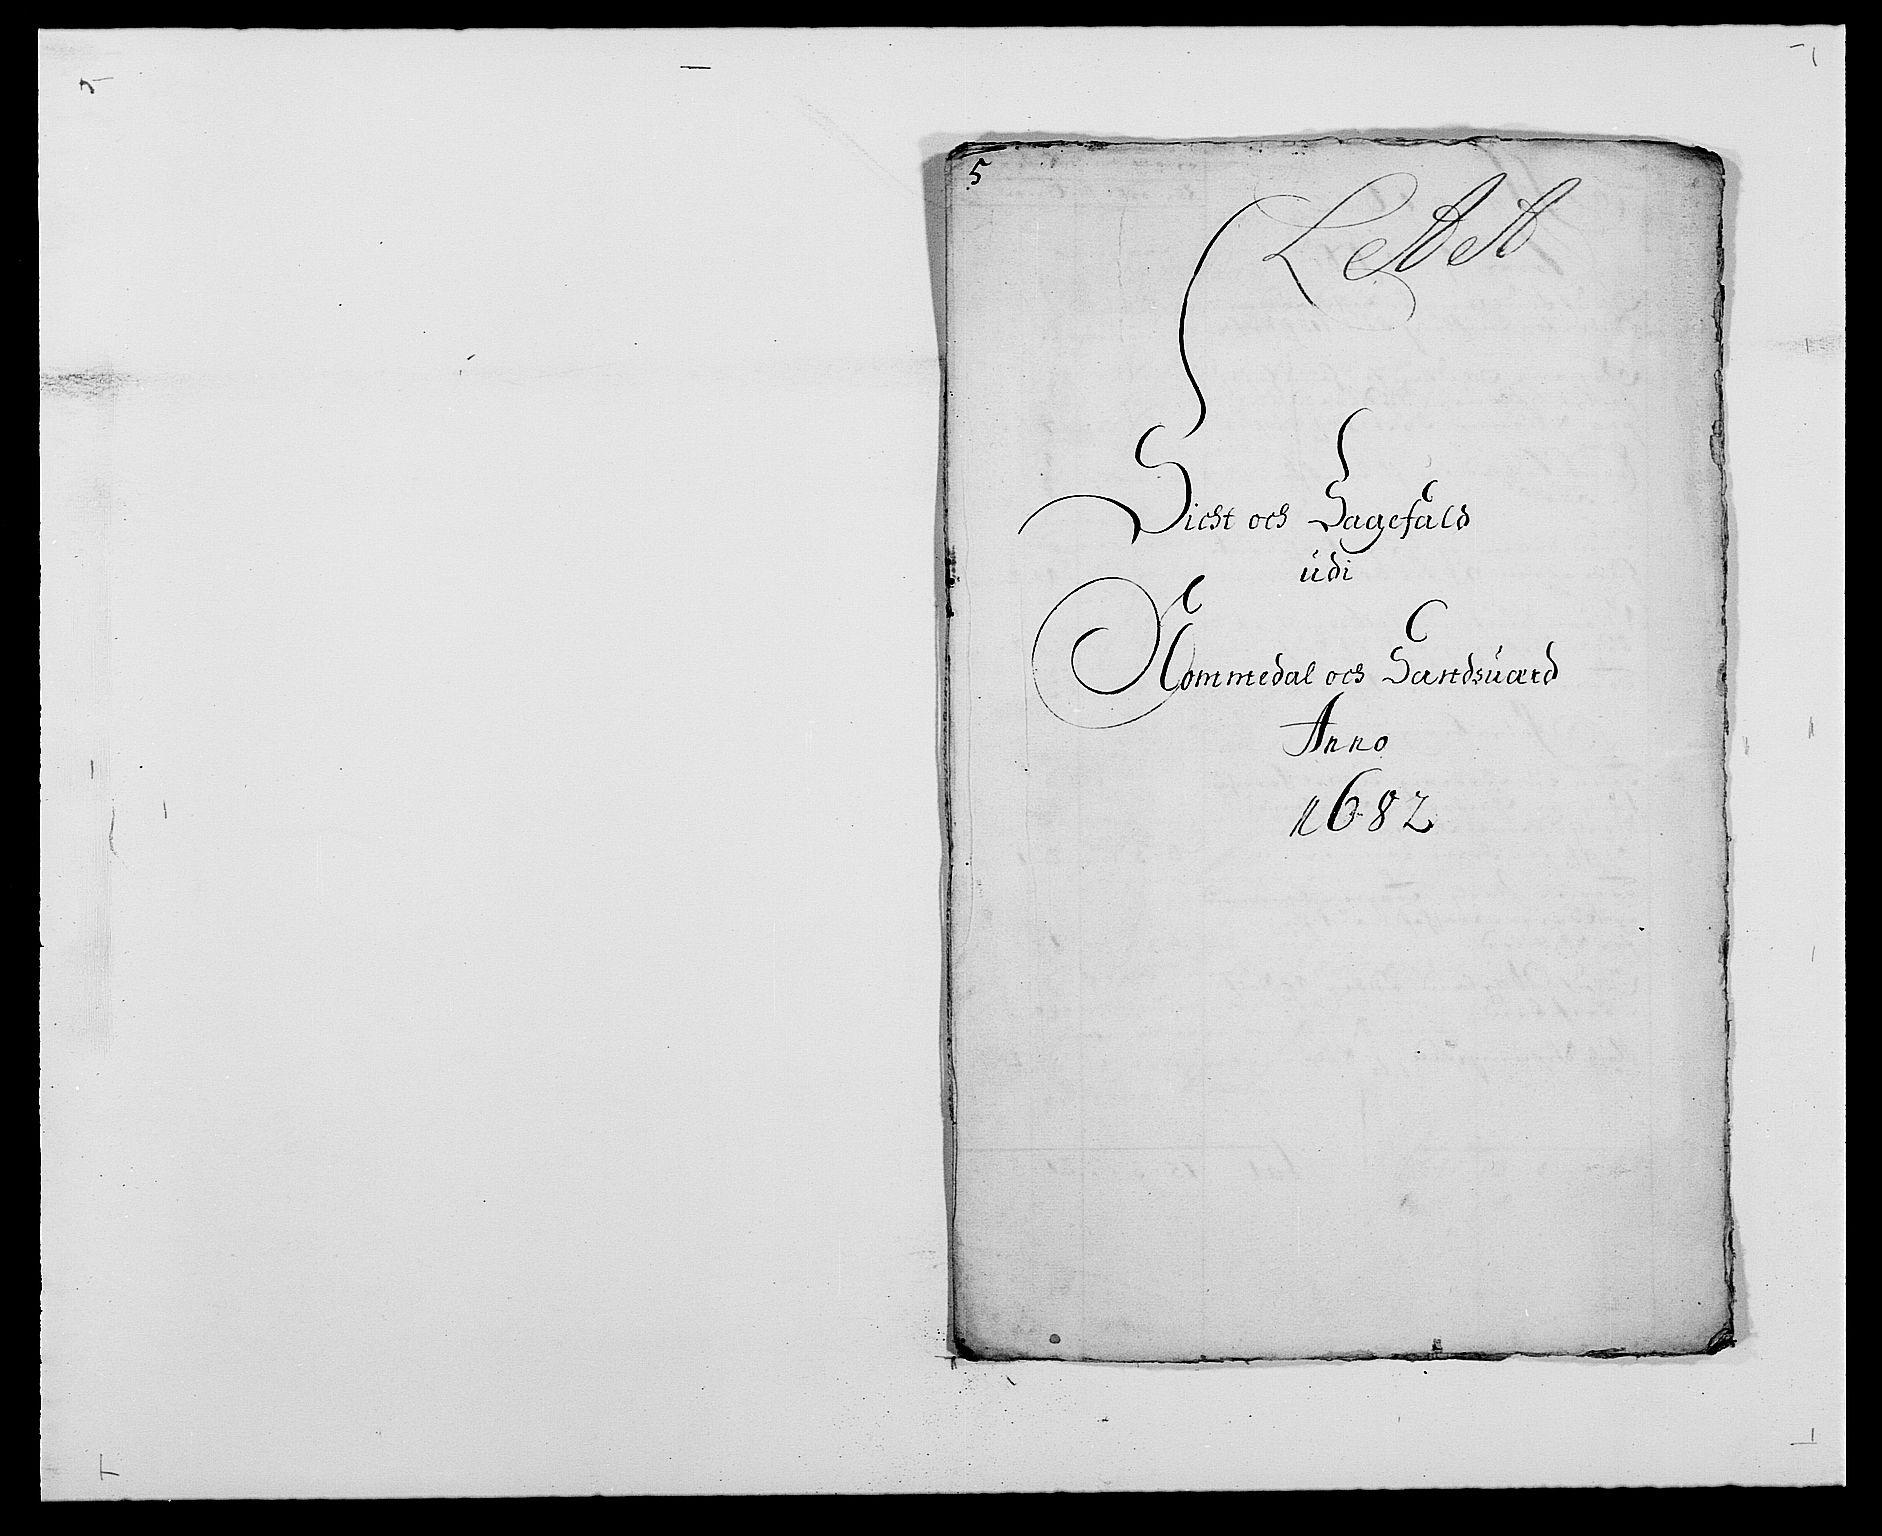 RA, Rentekammeret inntil 1814, Reviderte regnskaper, Fogderegnskap, R24/L1570: Fogderegnskap Numedal og Sandsvær, 1679-1686, s. 1